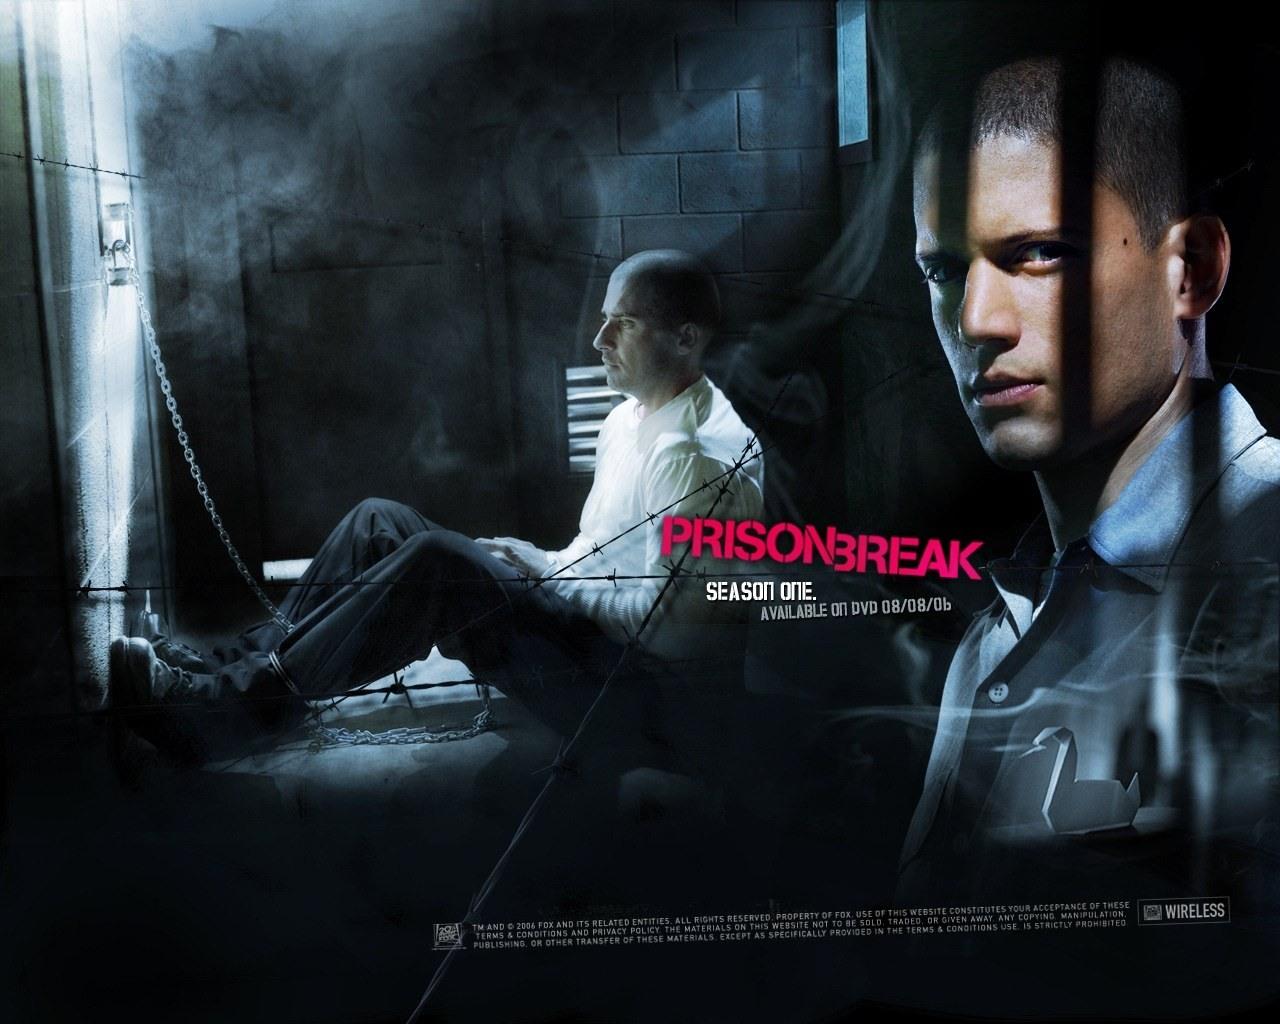 Prison Break   Prison Break Wallpaper 655026 1280x1024